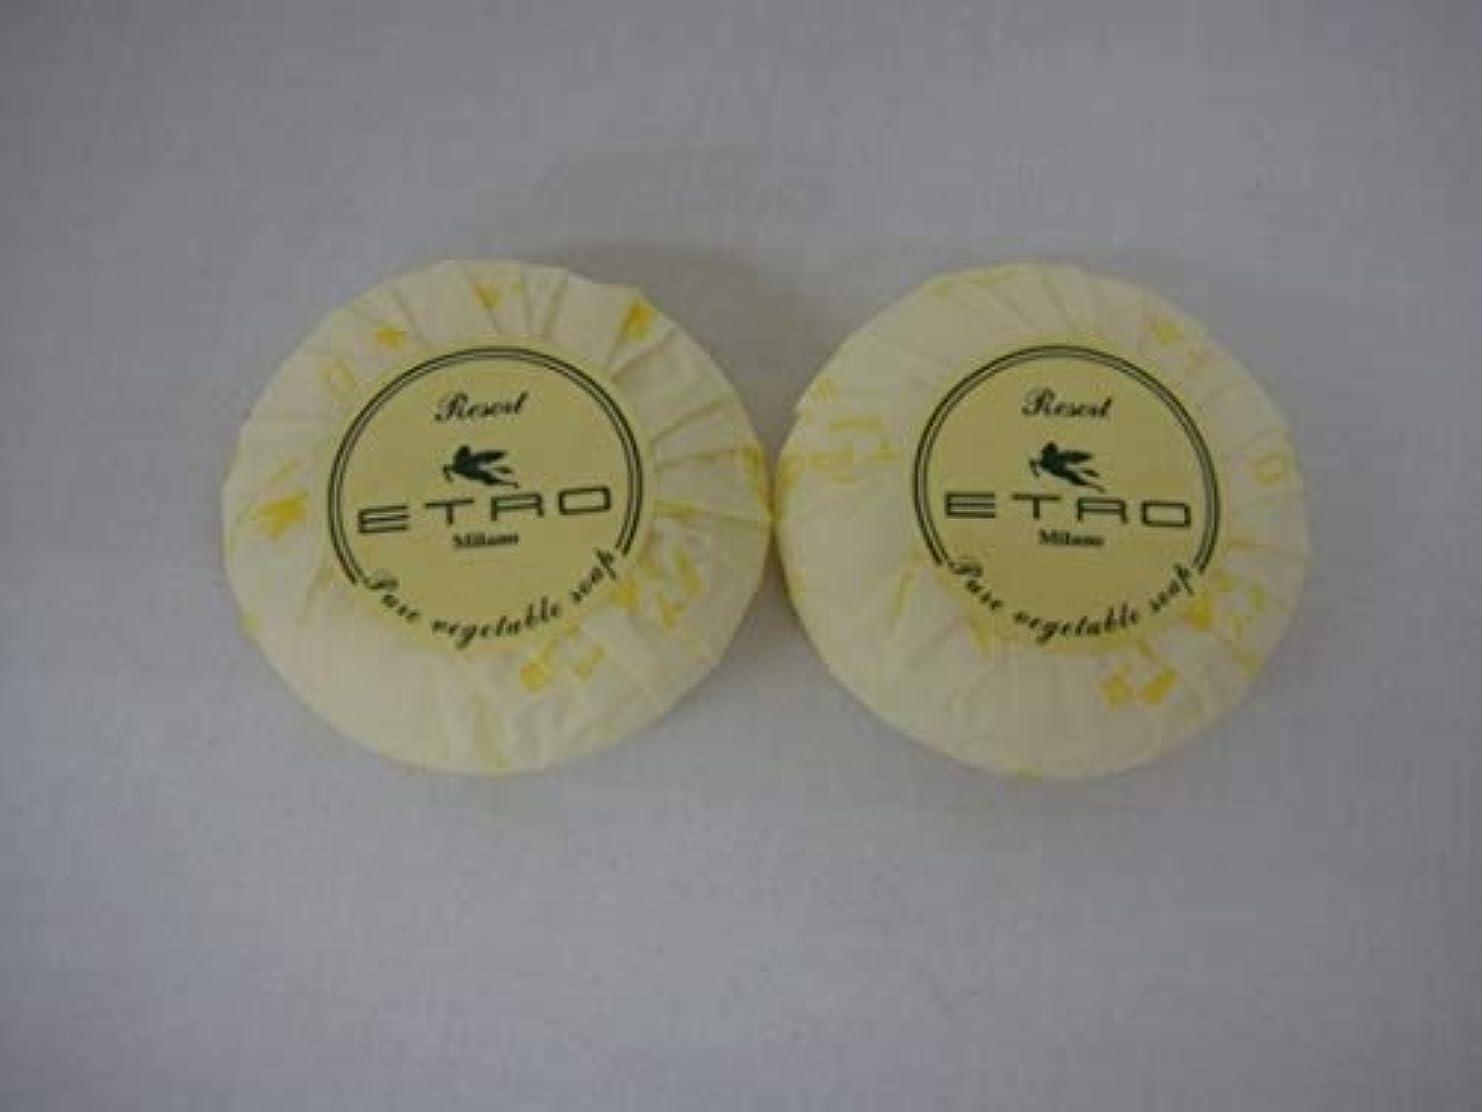 渦強化スーツケース【X2個セット】ETRO エトロ ピュアベジタブルソープ 石鹸40g×2個 (合計4個)